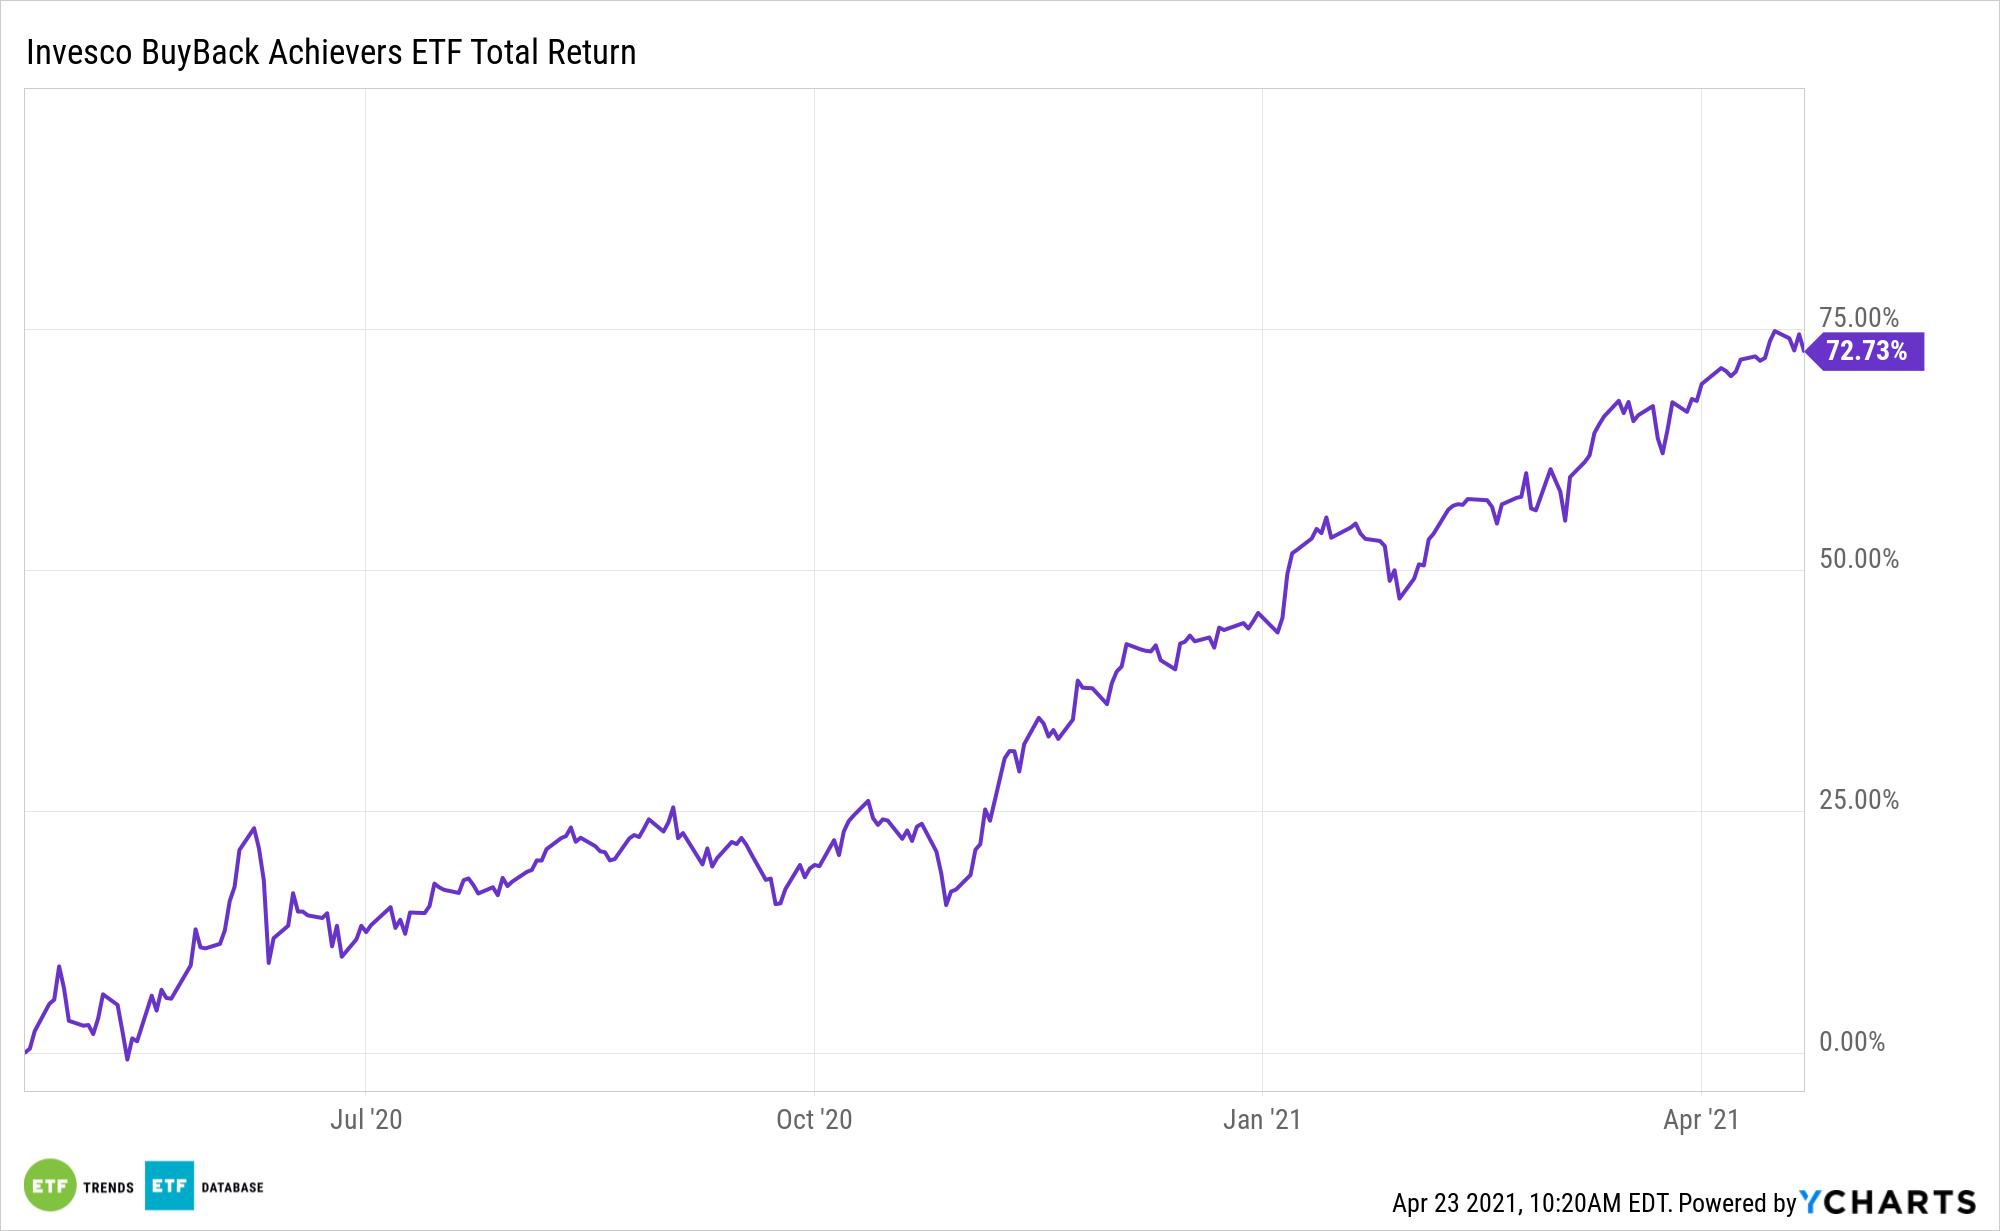 PKW 1 Year Total Return